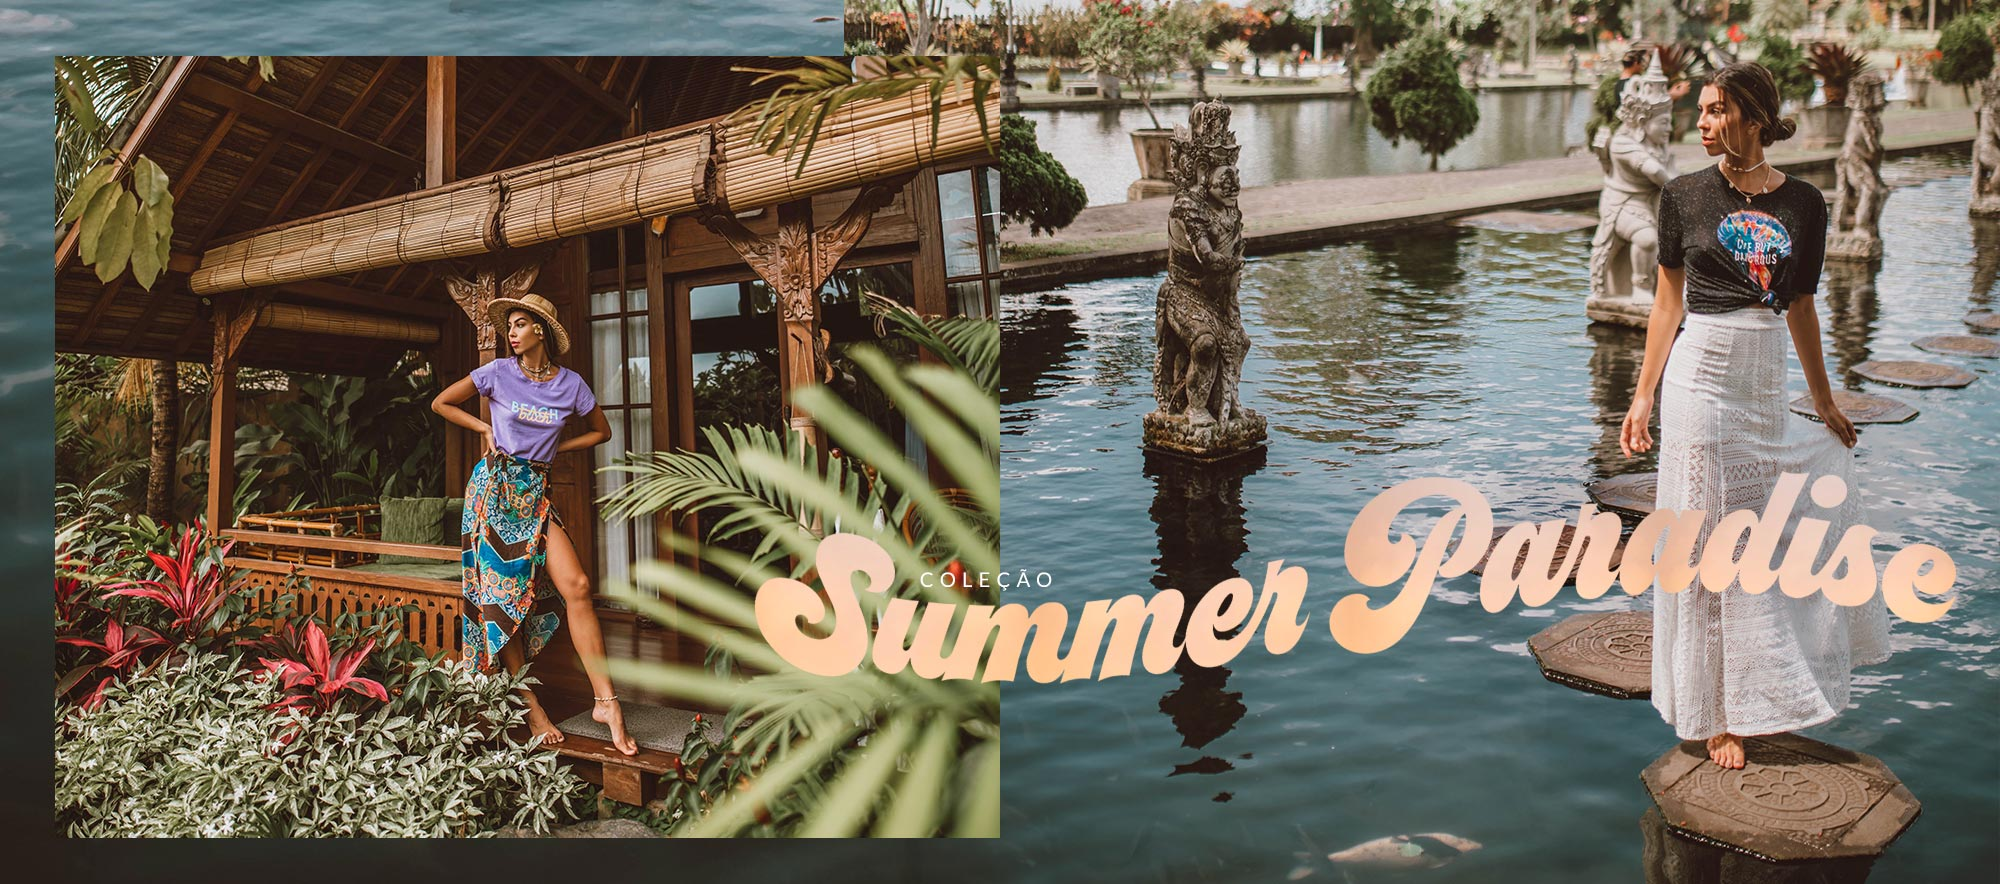 Coleção Summer Paradise